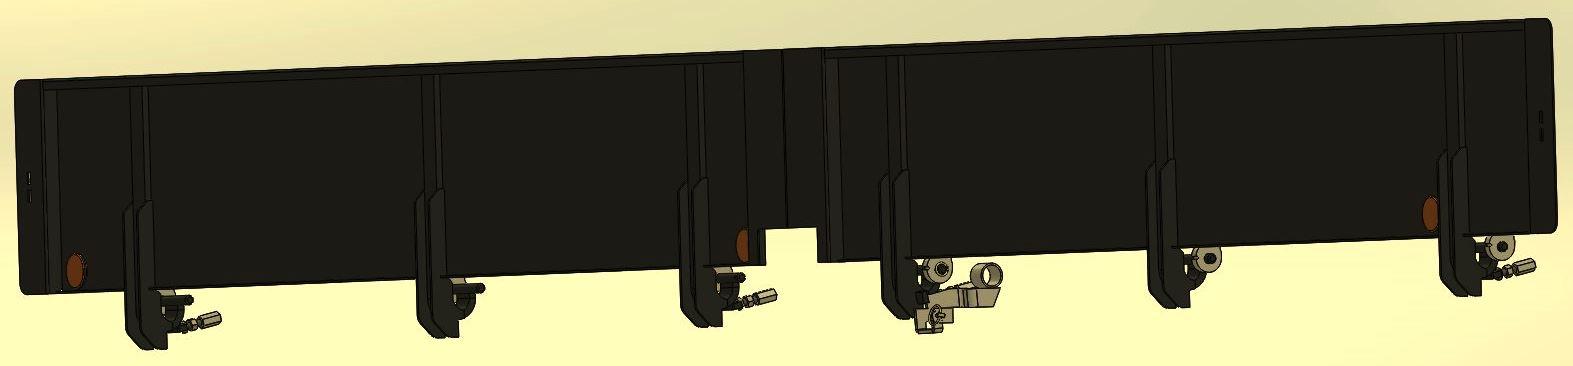 Brantner Kipper und Anhänger - Rübenrutsche seitl. komplett mit Anbauteilen,